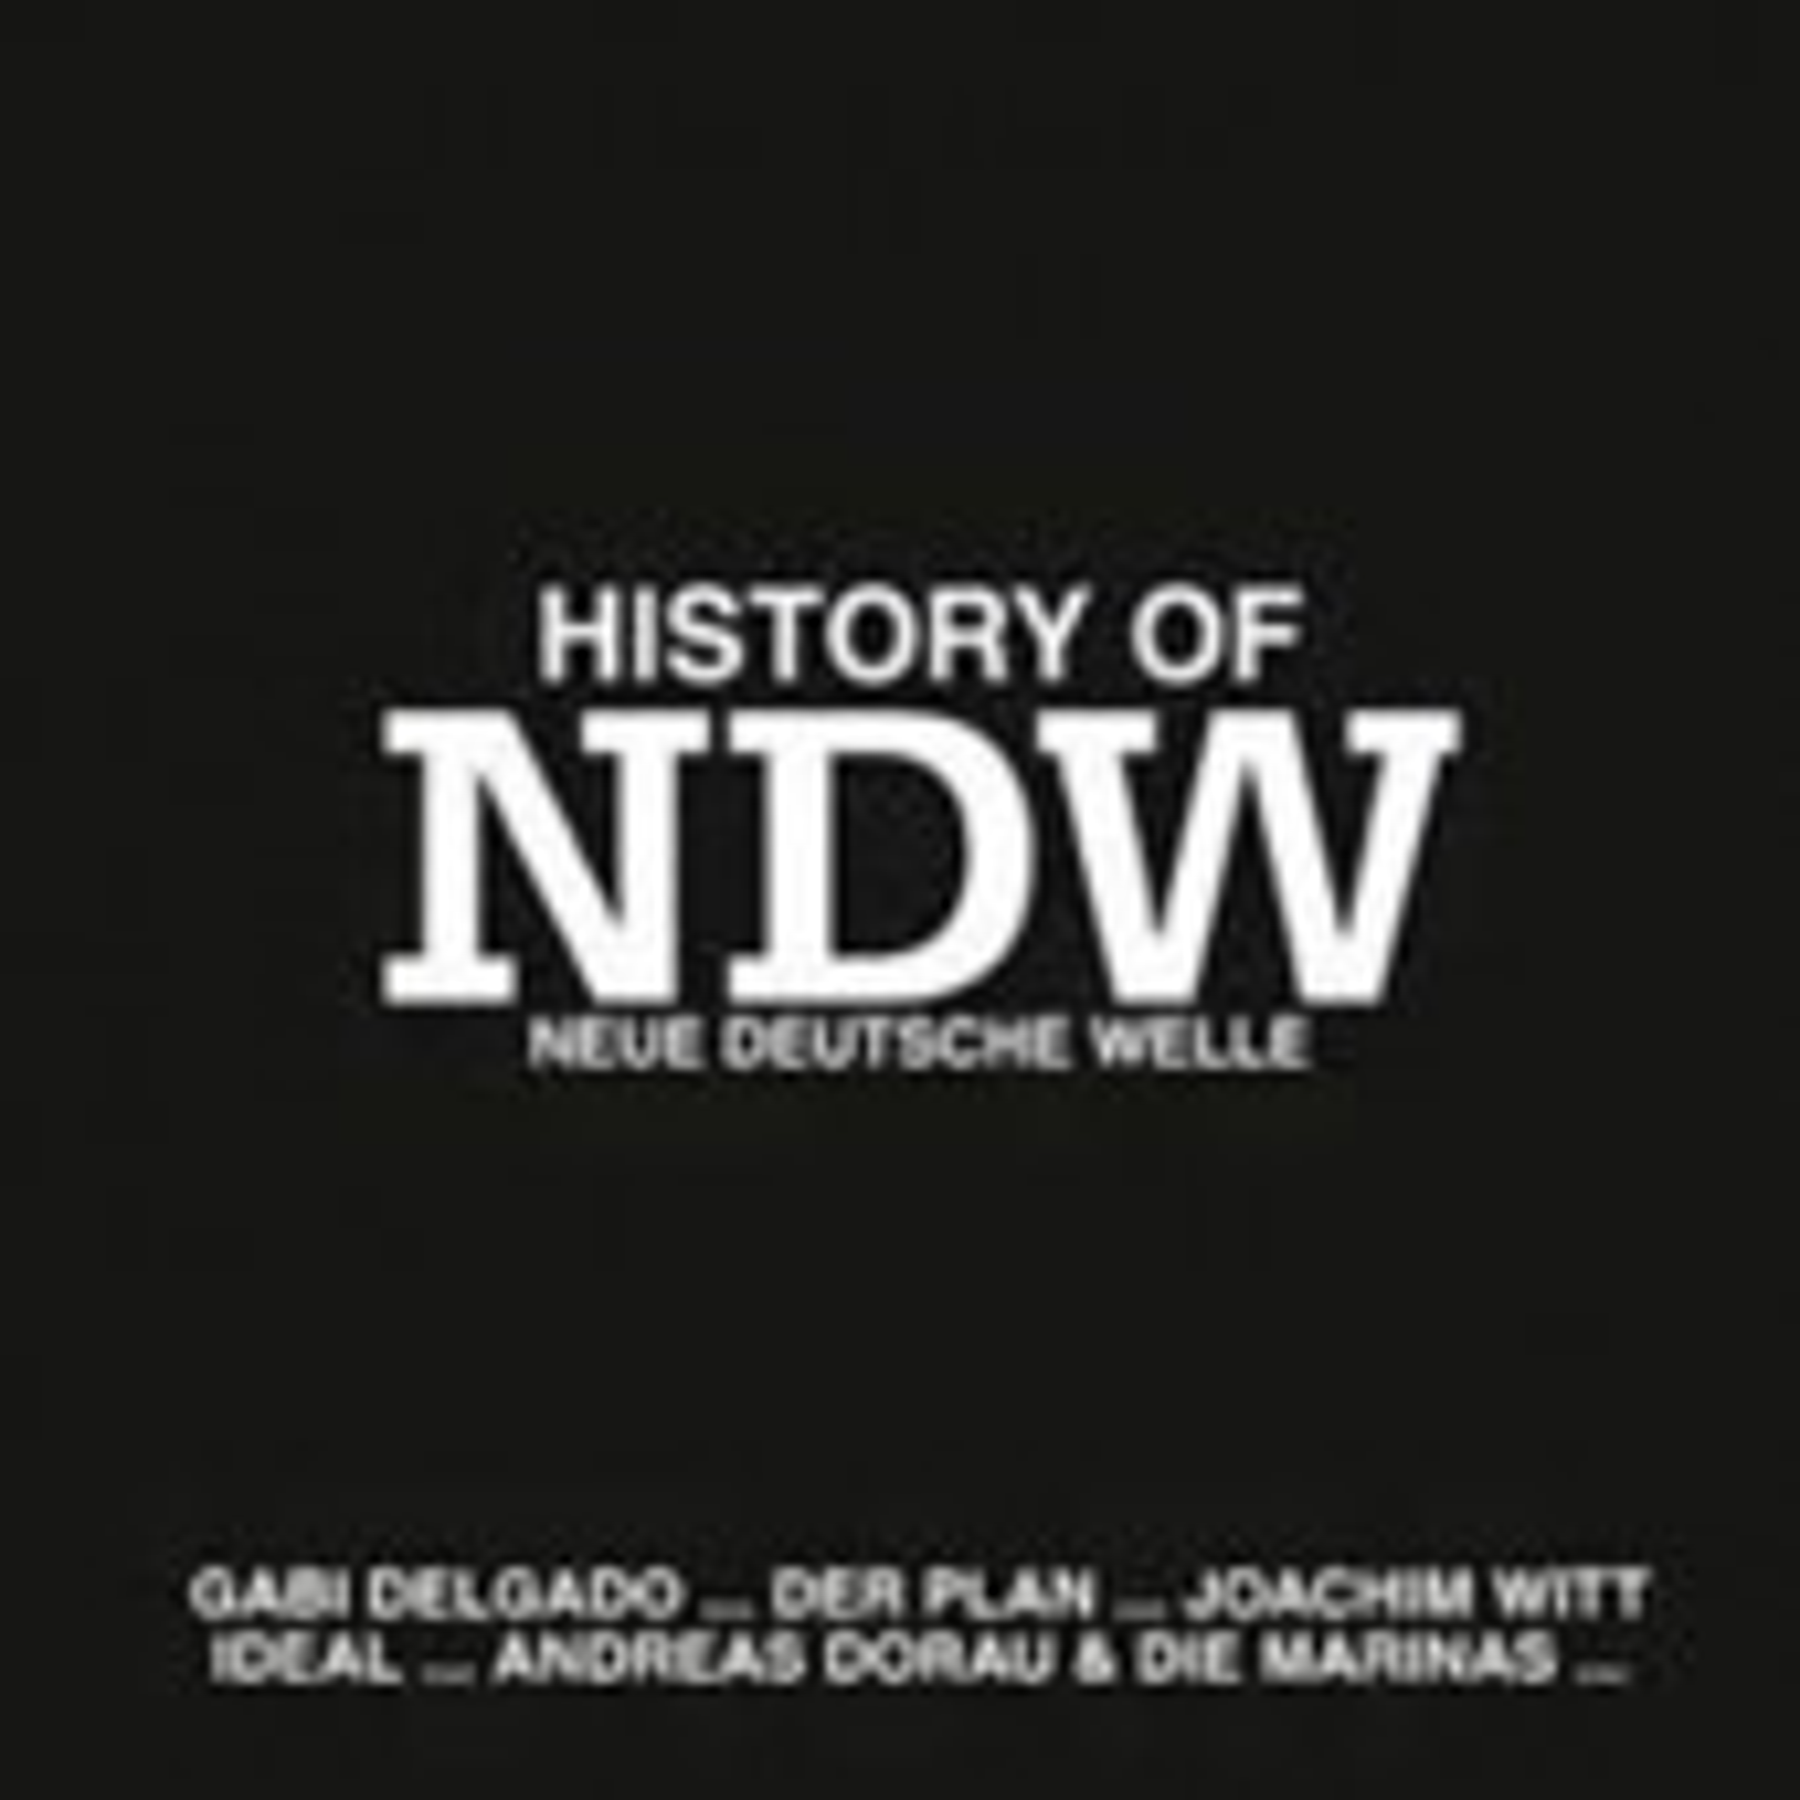 V.A. - History of NDW (Neue Deutsche Welle) - CD